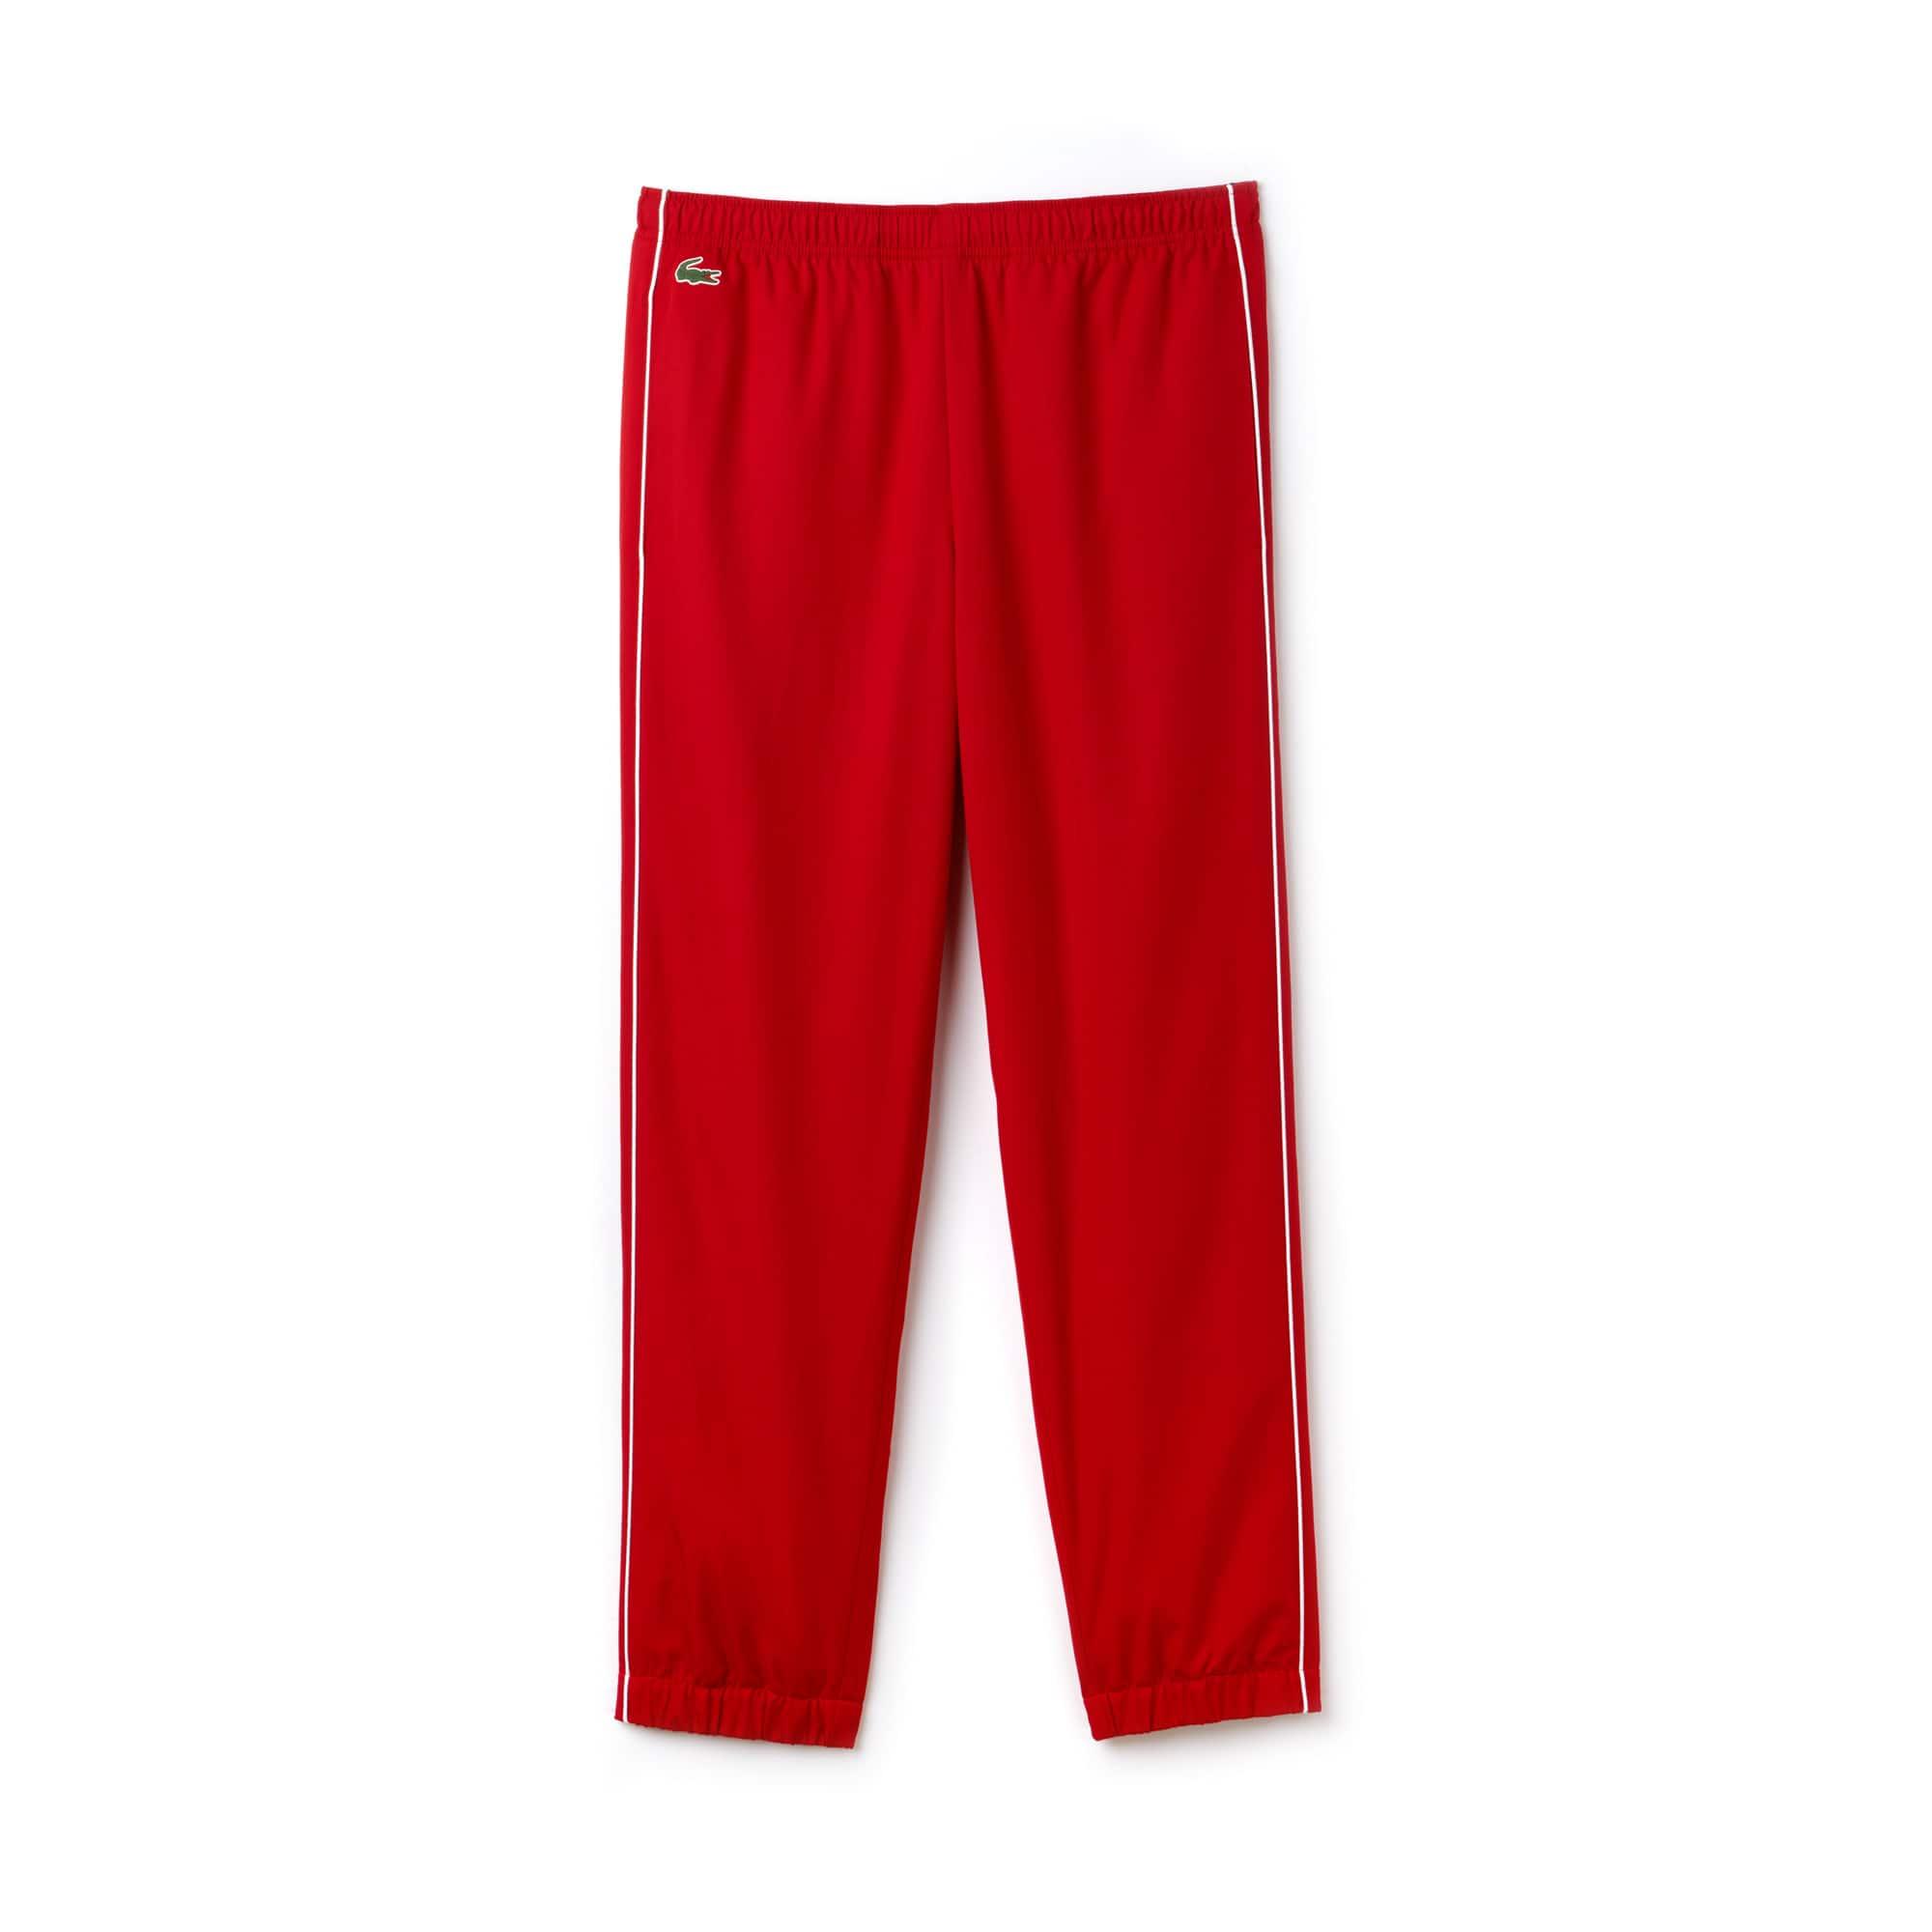 Pantalon Taffetas Lacoste Piping De Survêtement Avec Sport En H2EY9IWD